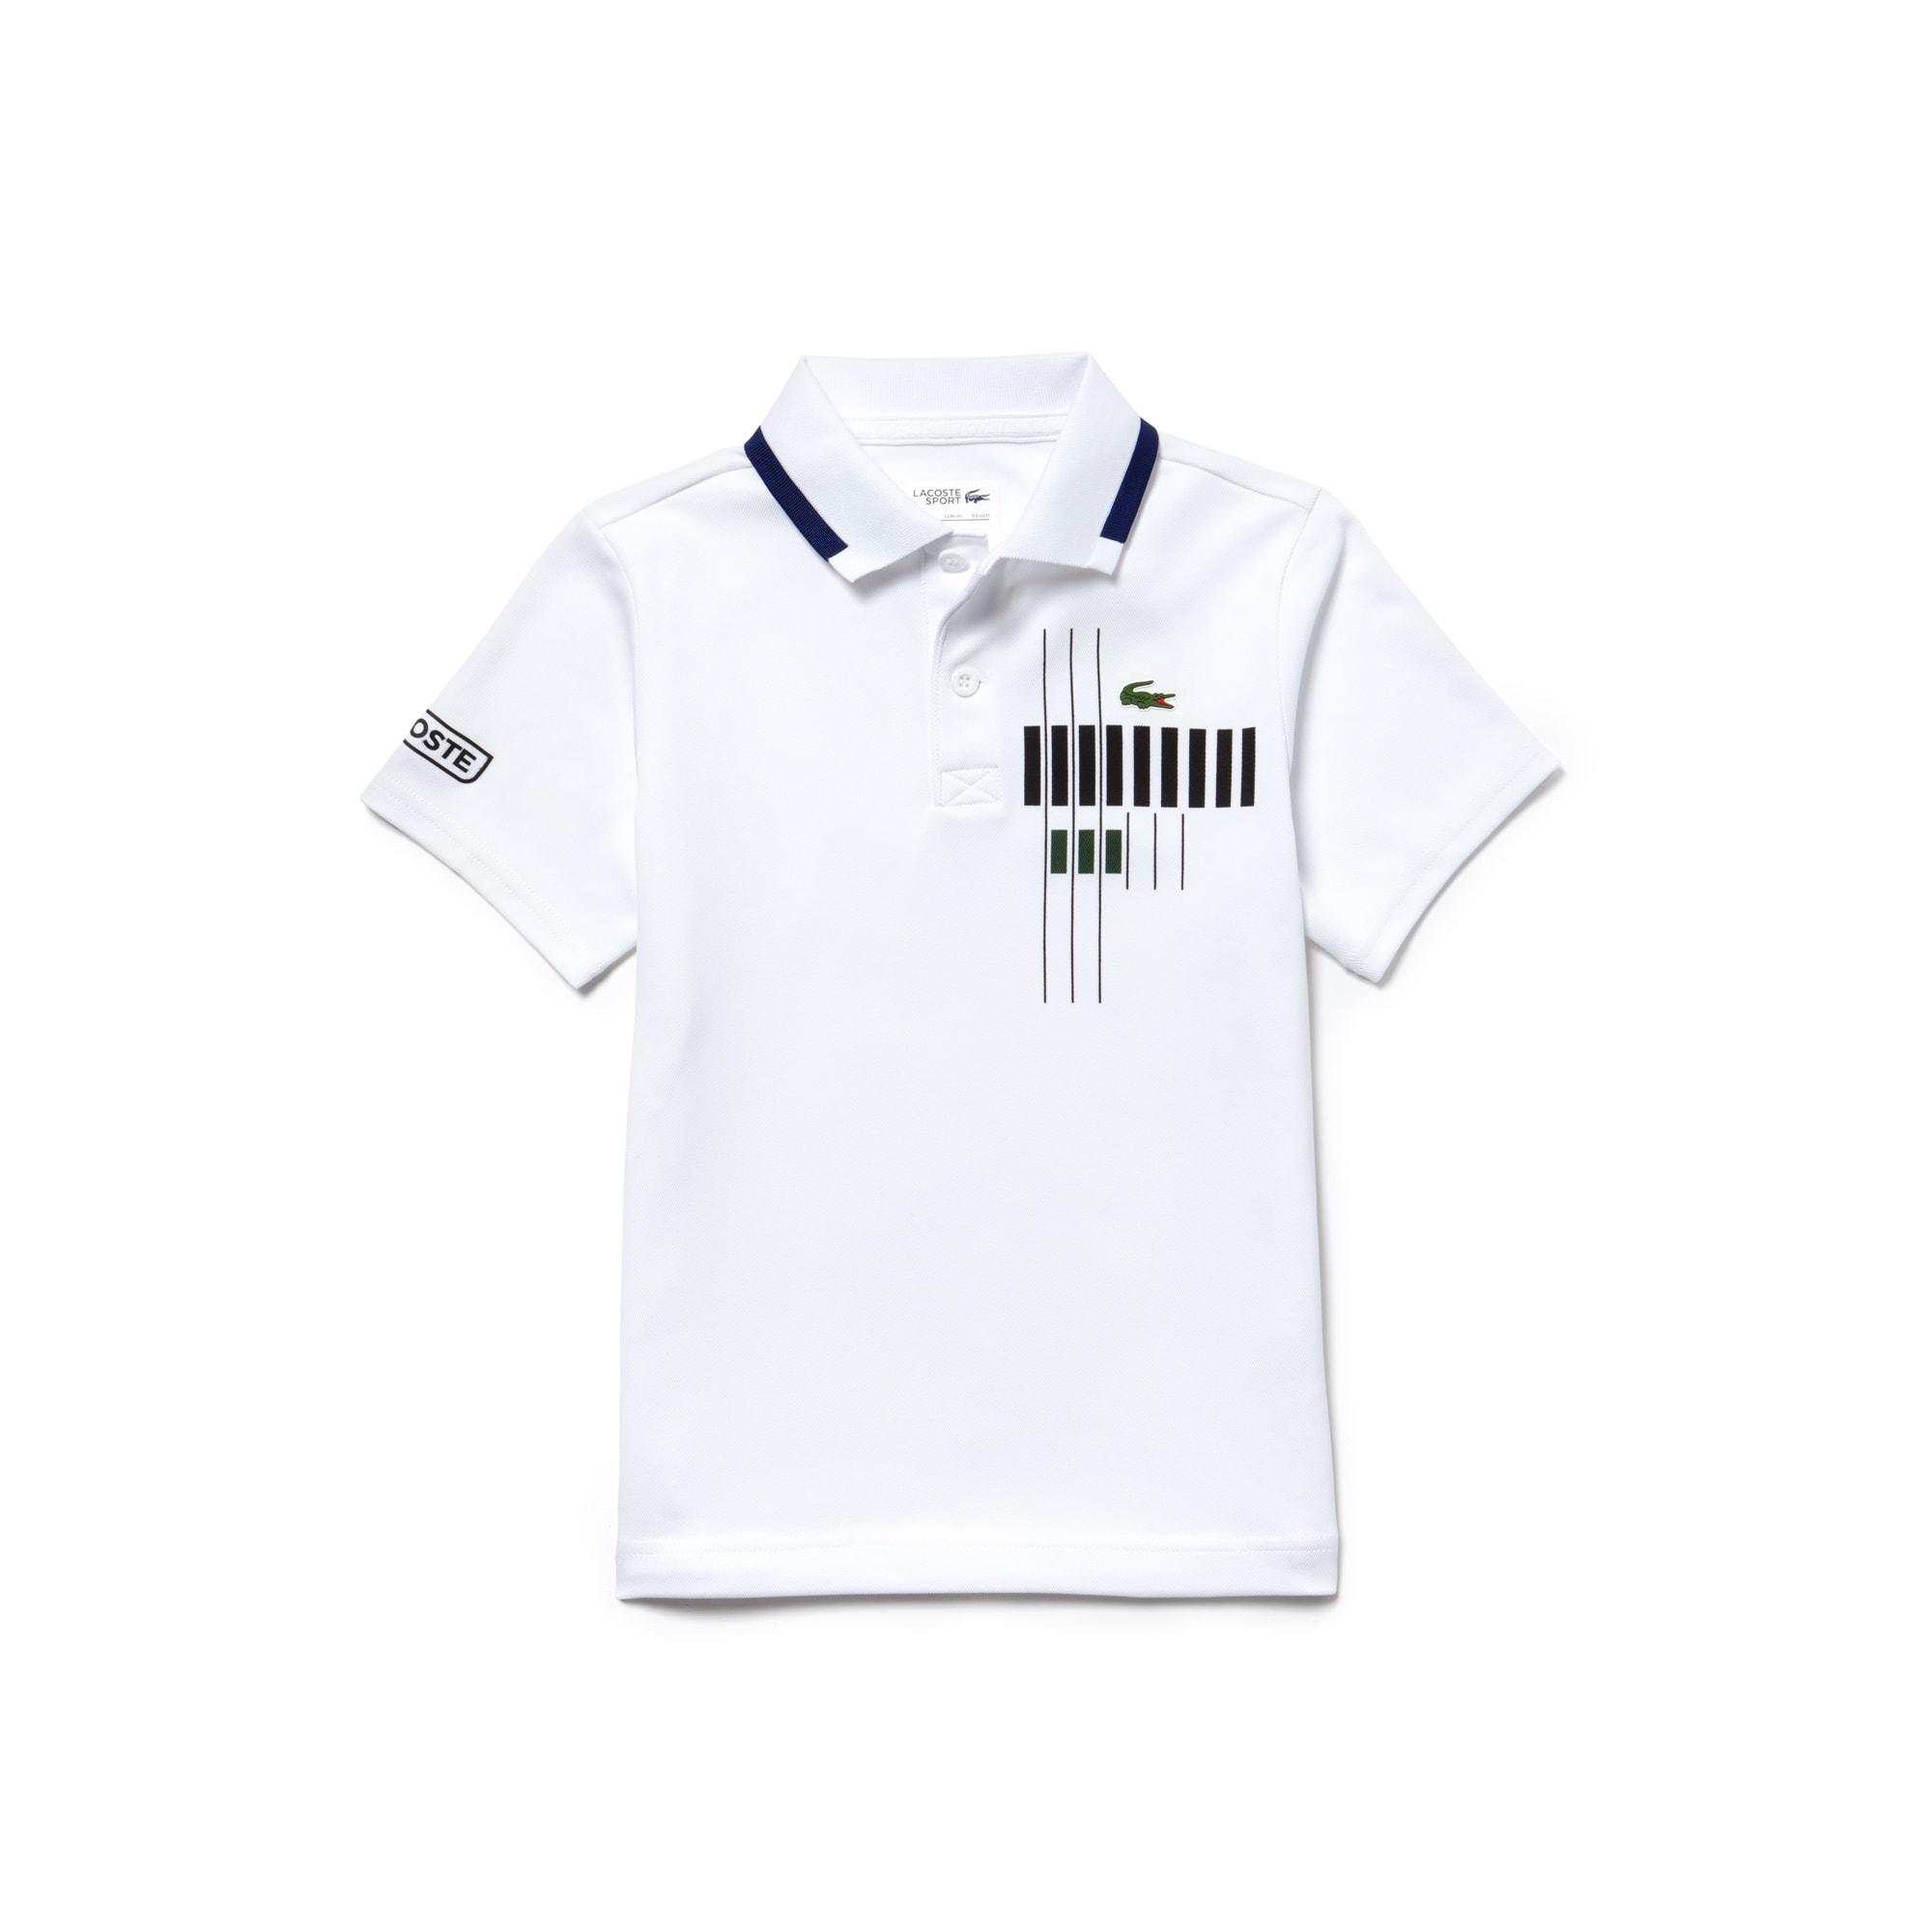 Boys' Lacoste SPORT Tennis Brand Design Technical Piqué Polo Shirt